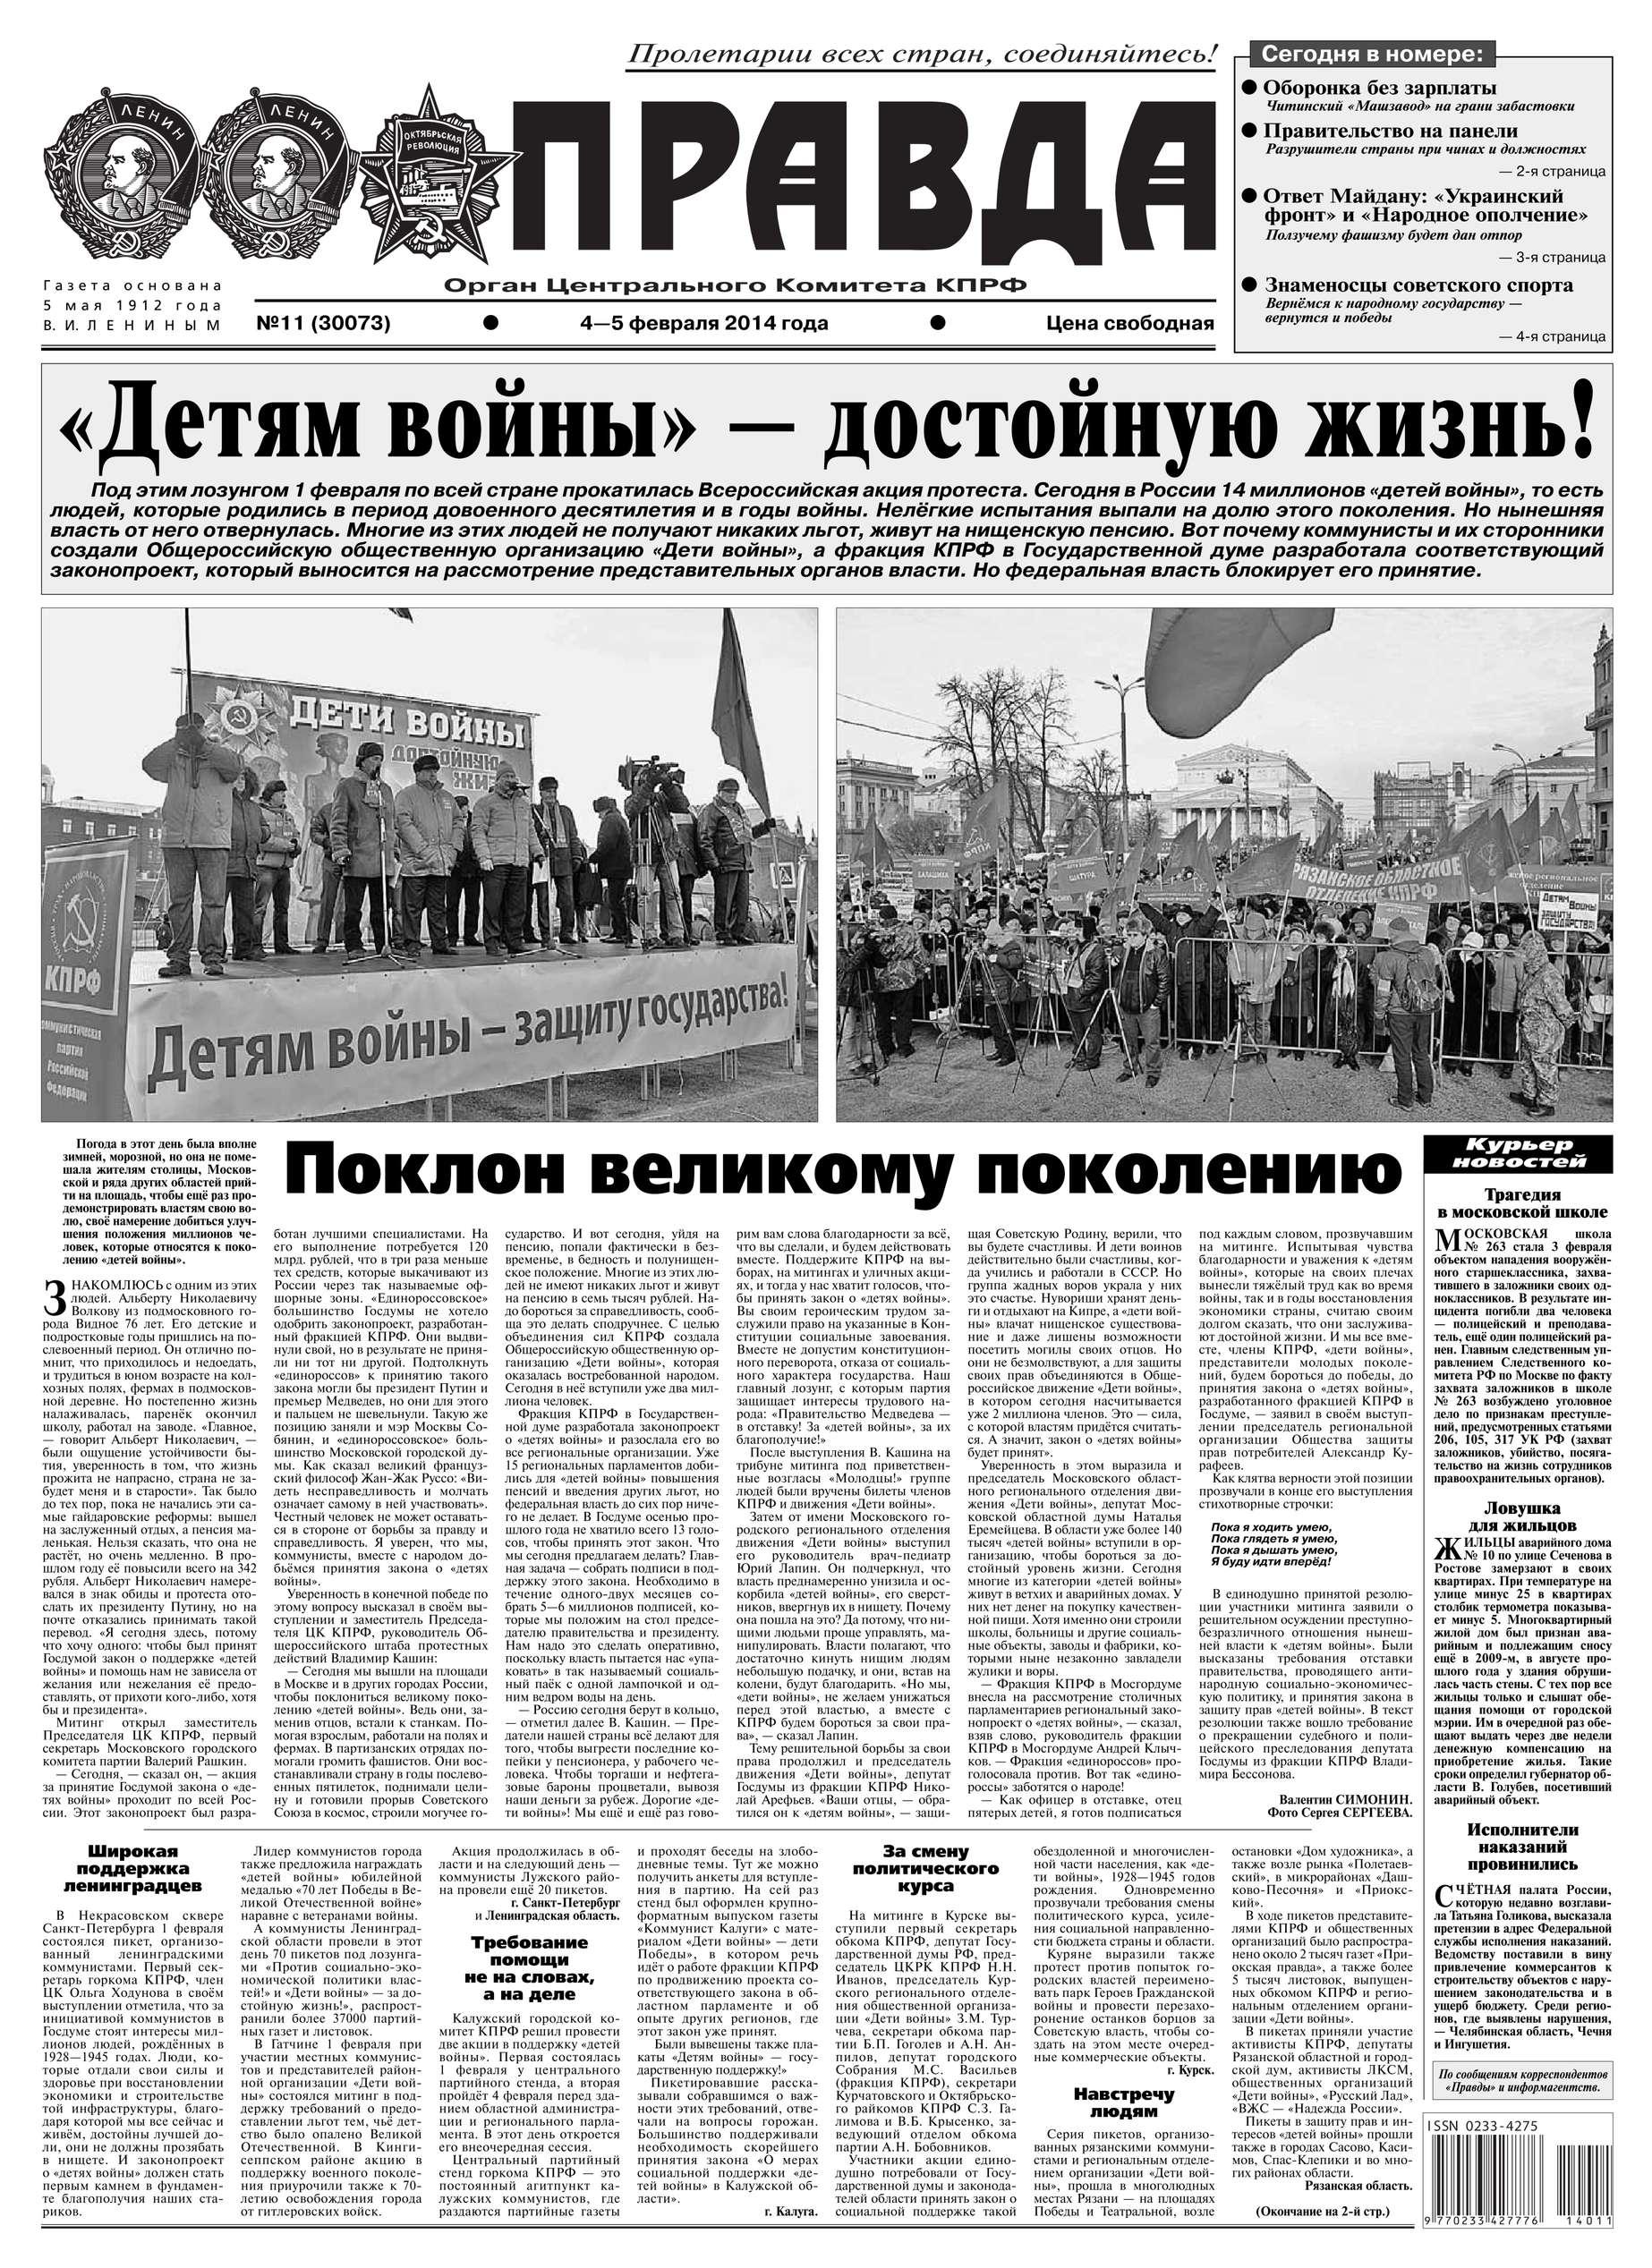 Редакция газеты Правда Правда 11 редакция газеты новая газета новая газета 130 11 2012